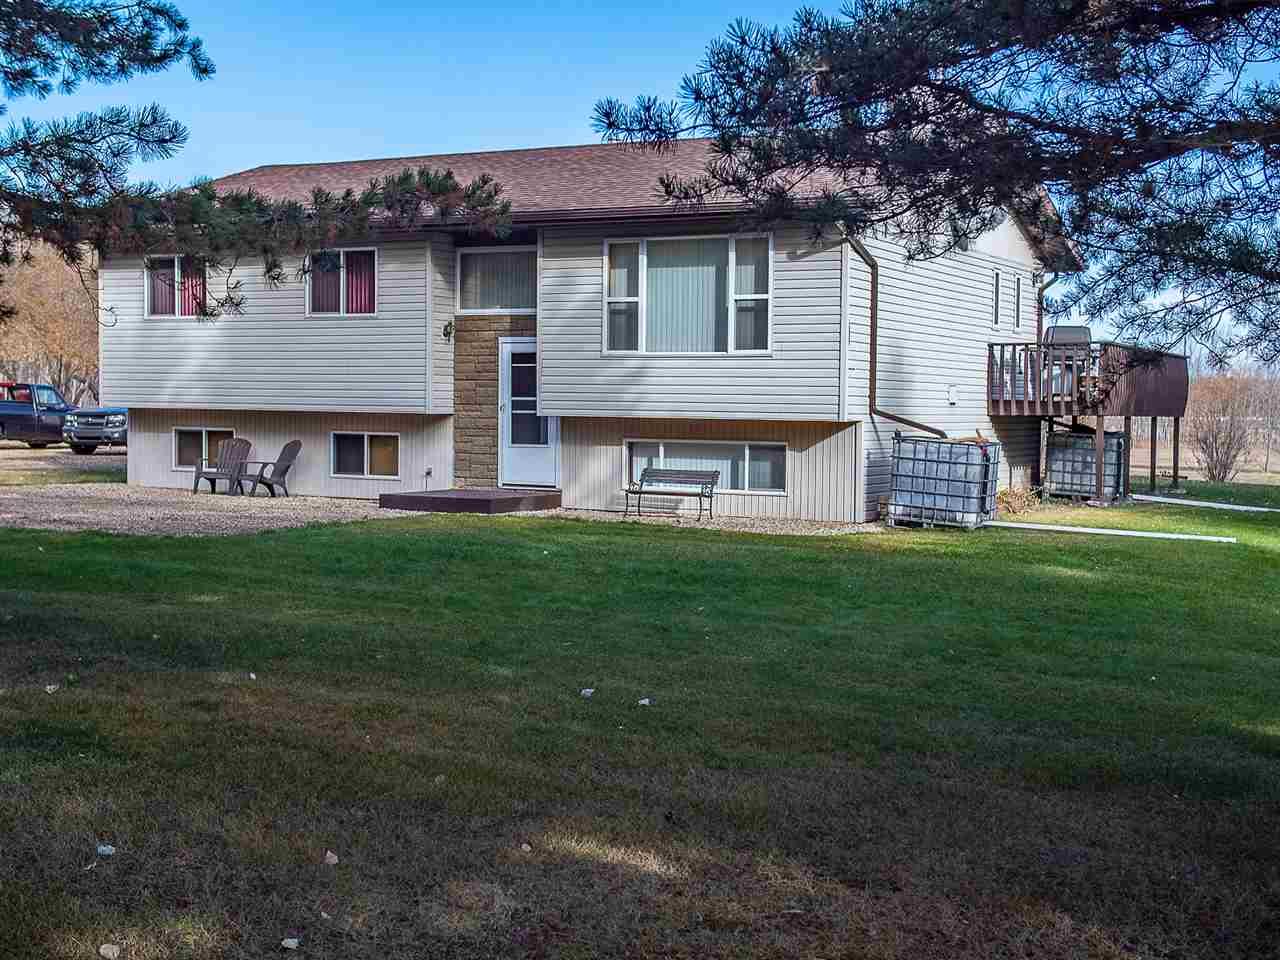 217 52307 Range Road 213, 4 bed, 3 bath, at $479,900